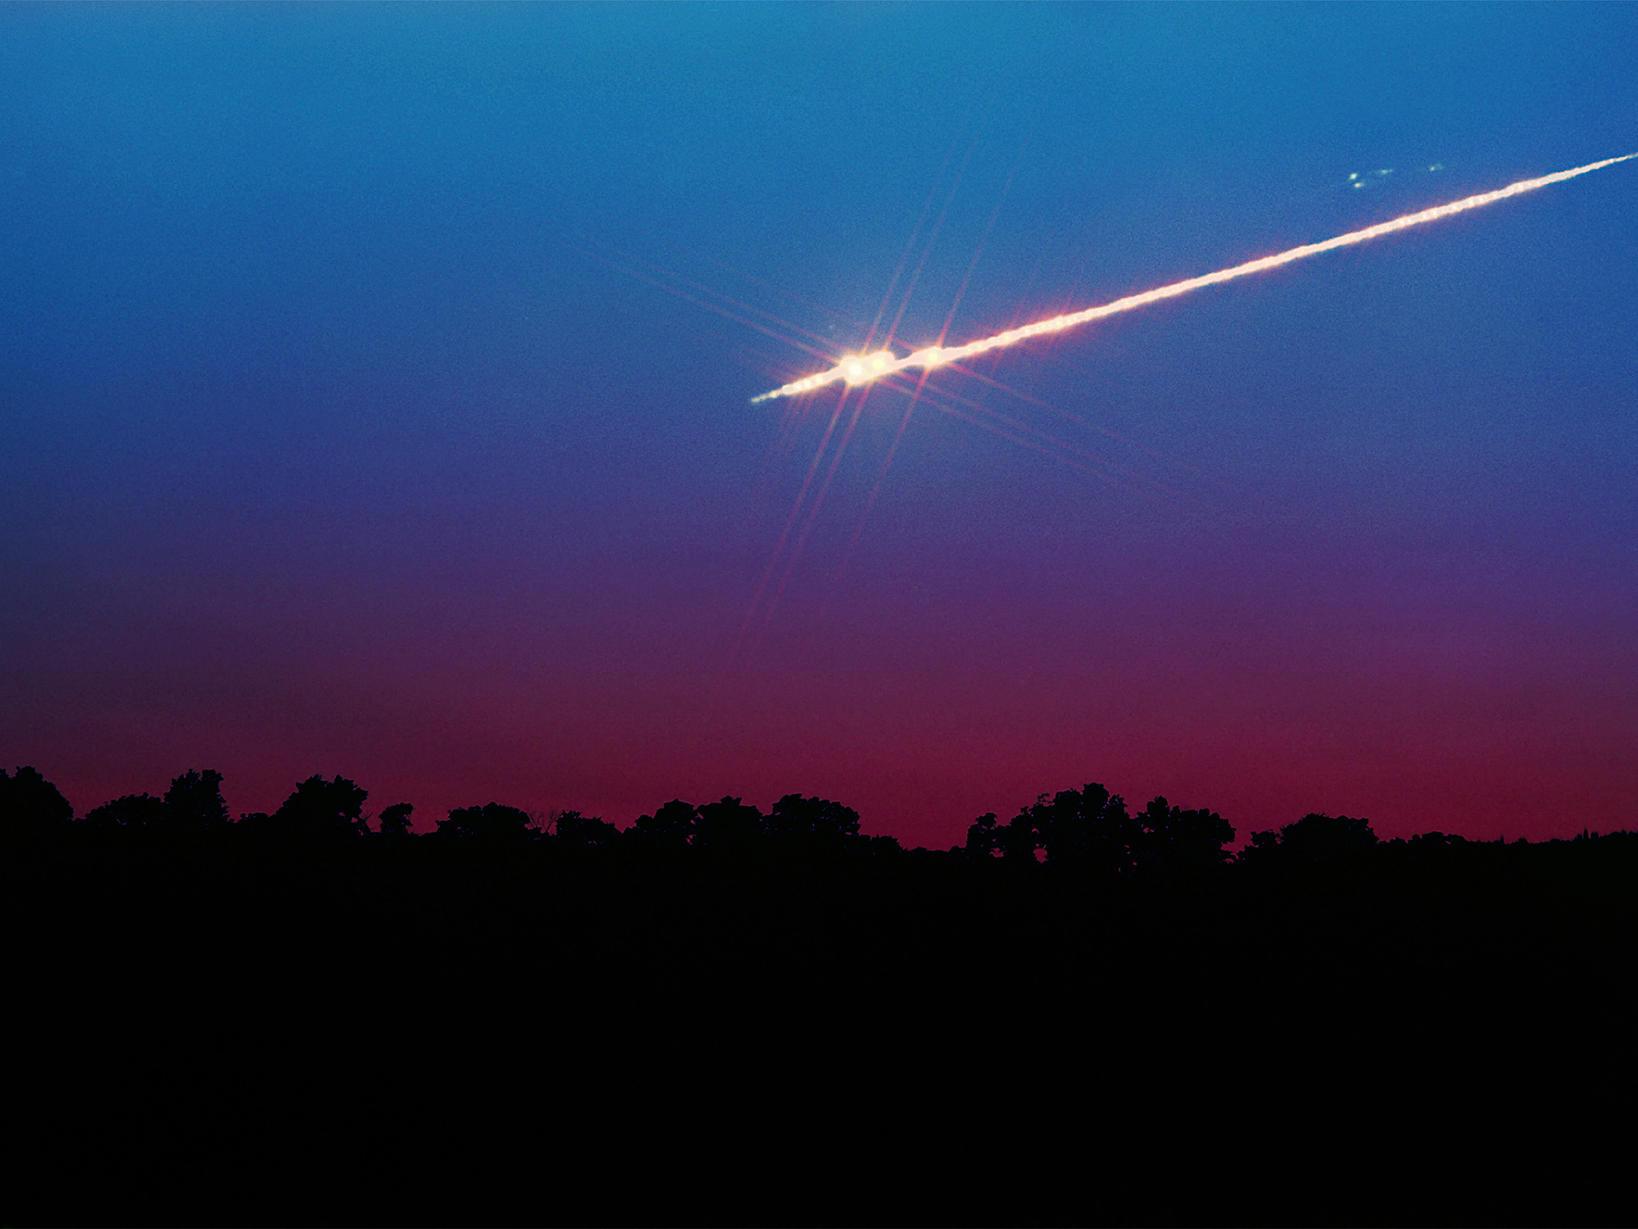 Завтра будет супер-яркий метеоритный дождь! Вот что это значит для вас